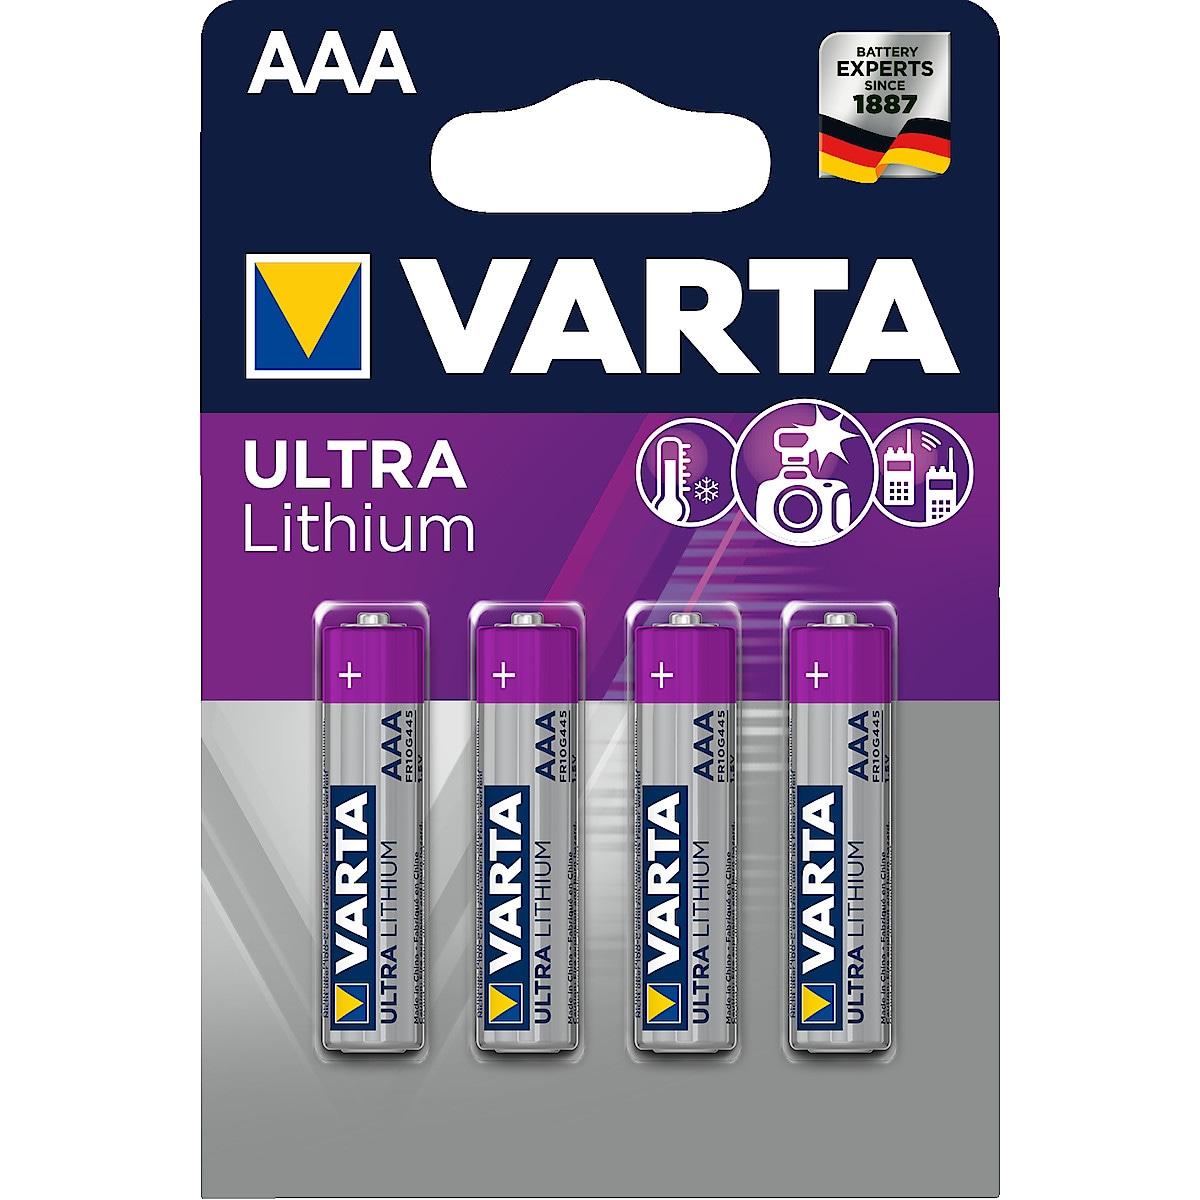 VARTA Ultra Lithium AAA/FR03 litiumbatteri